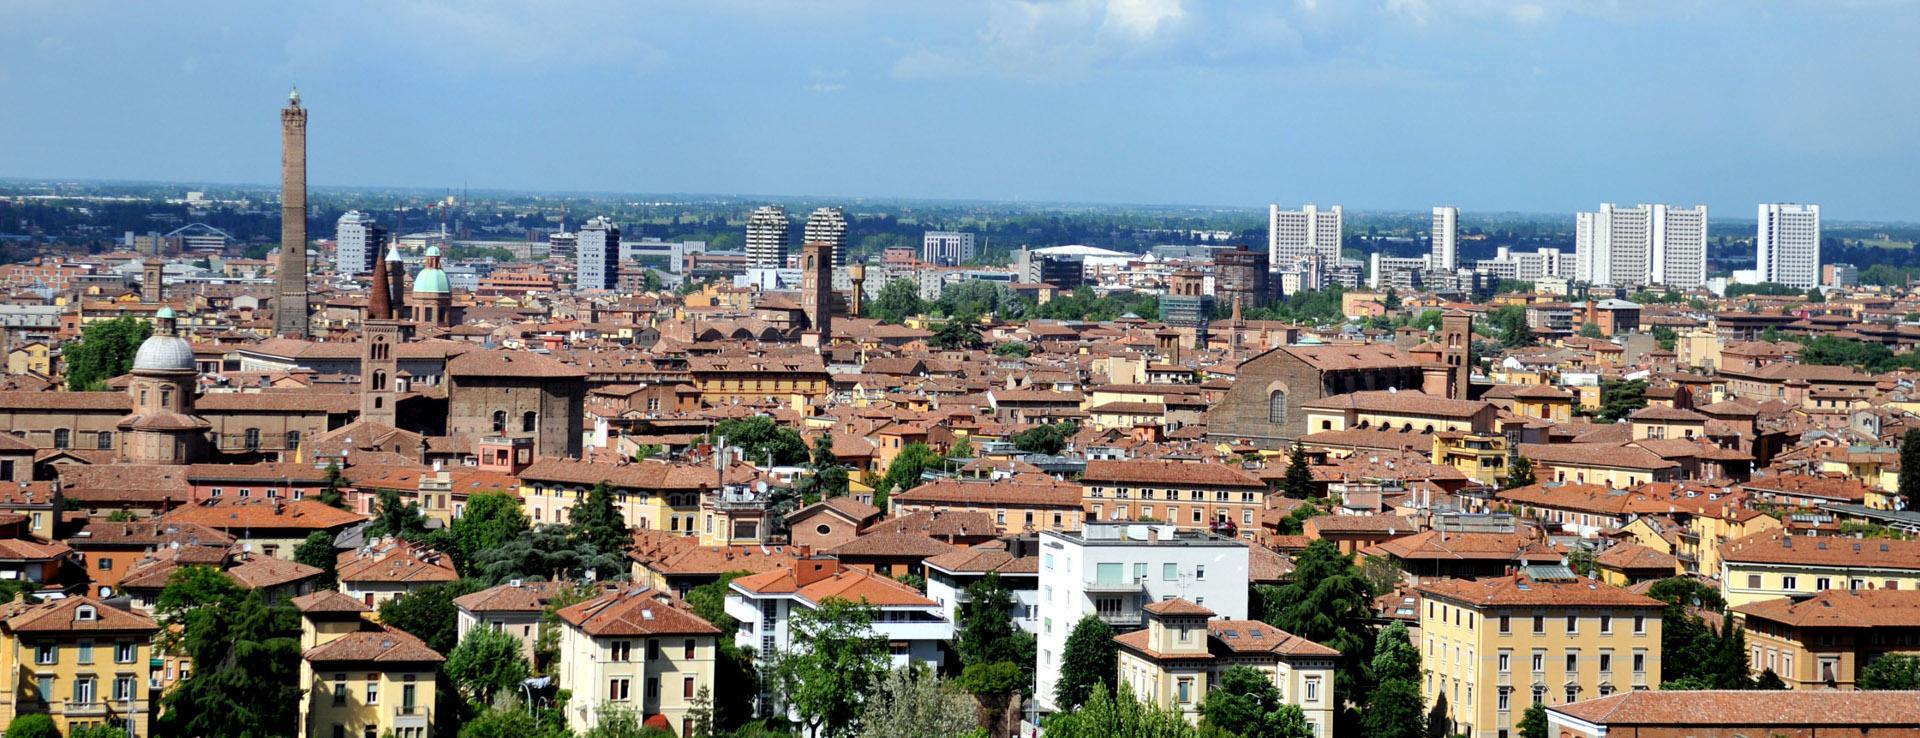 Foto: panoramica su Bologna. Archivio Città metropolitana di Bologna